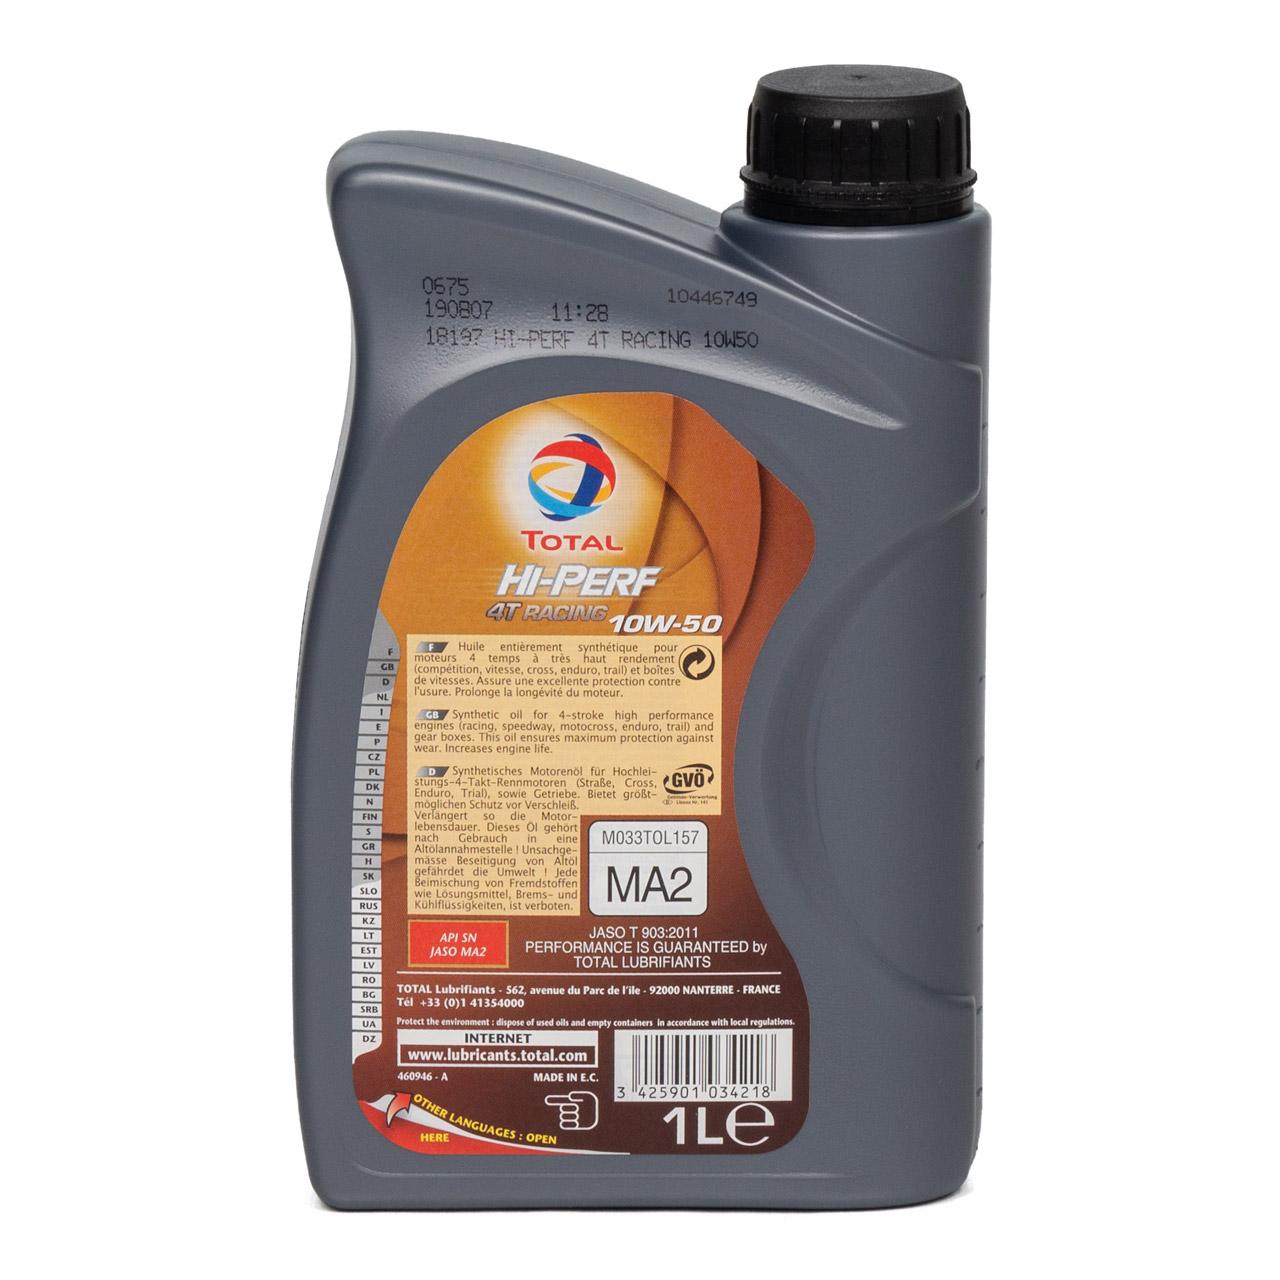 TOTAL HI-PERF 4T RACING Motoröl Öl 10W-50 10W50 API SN JASO MA-2 - 1L 1 Liter